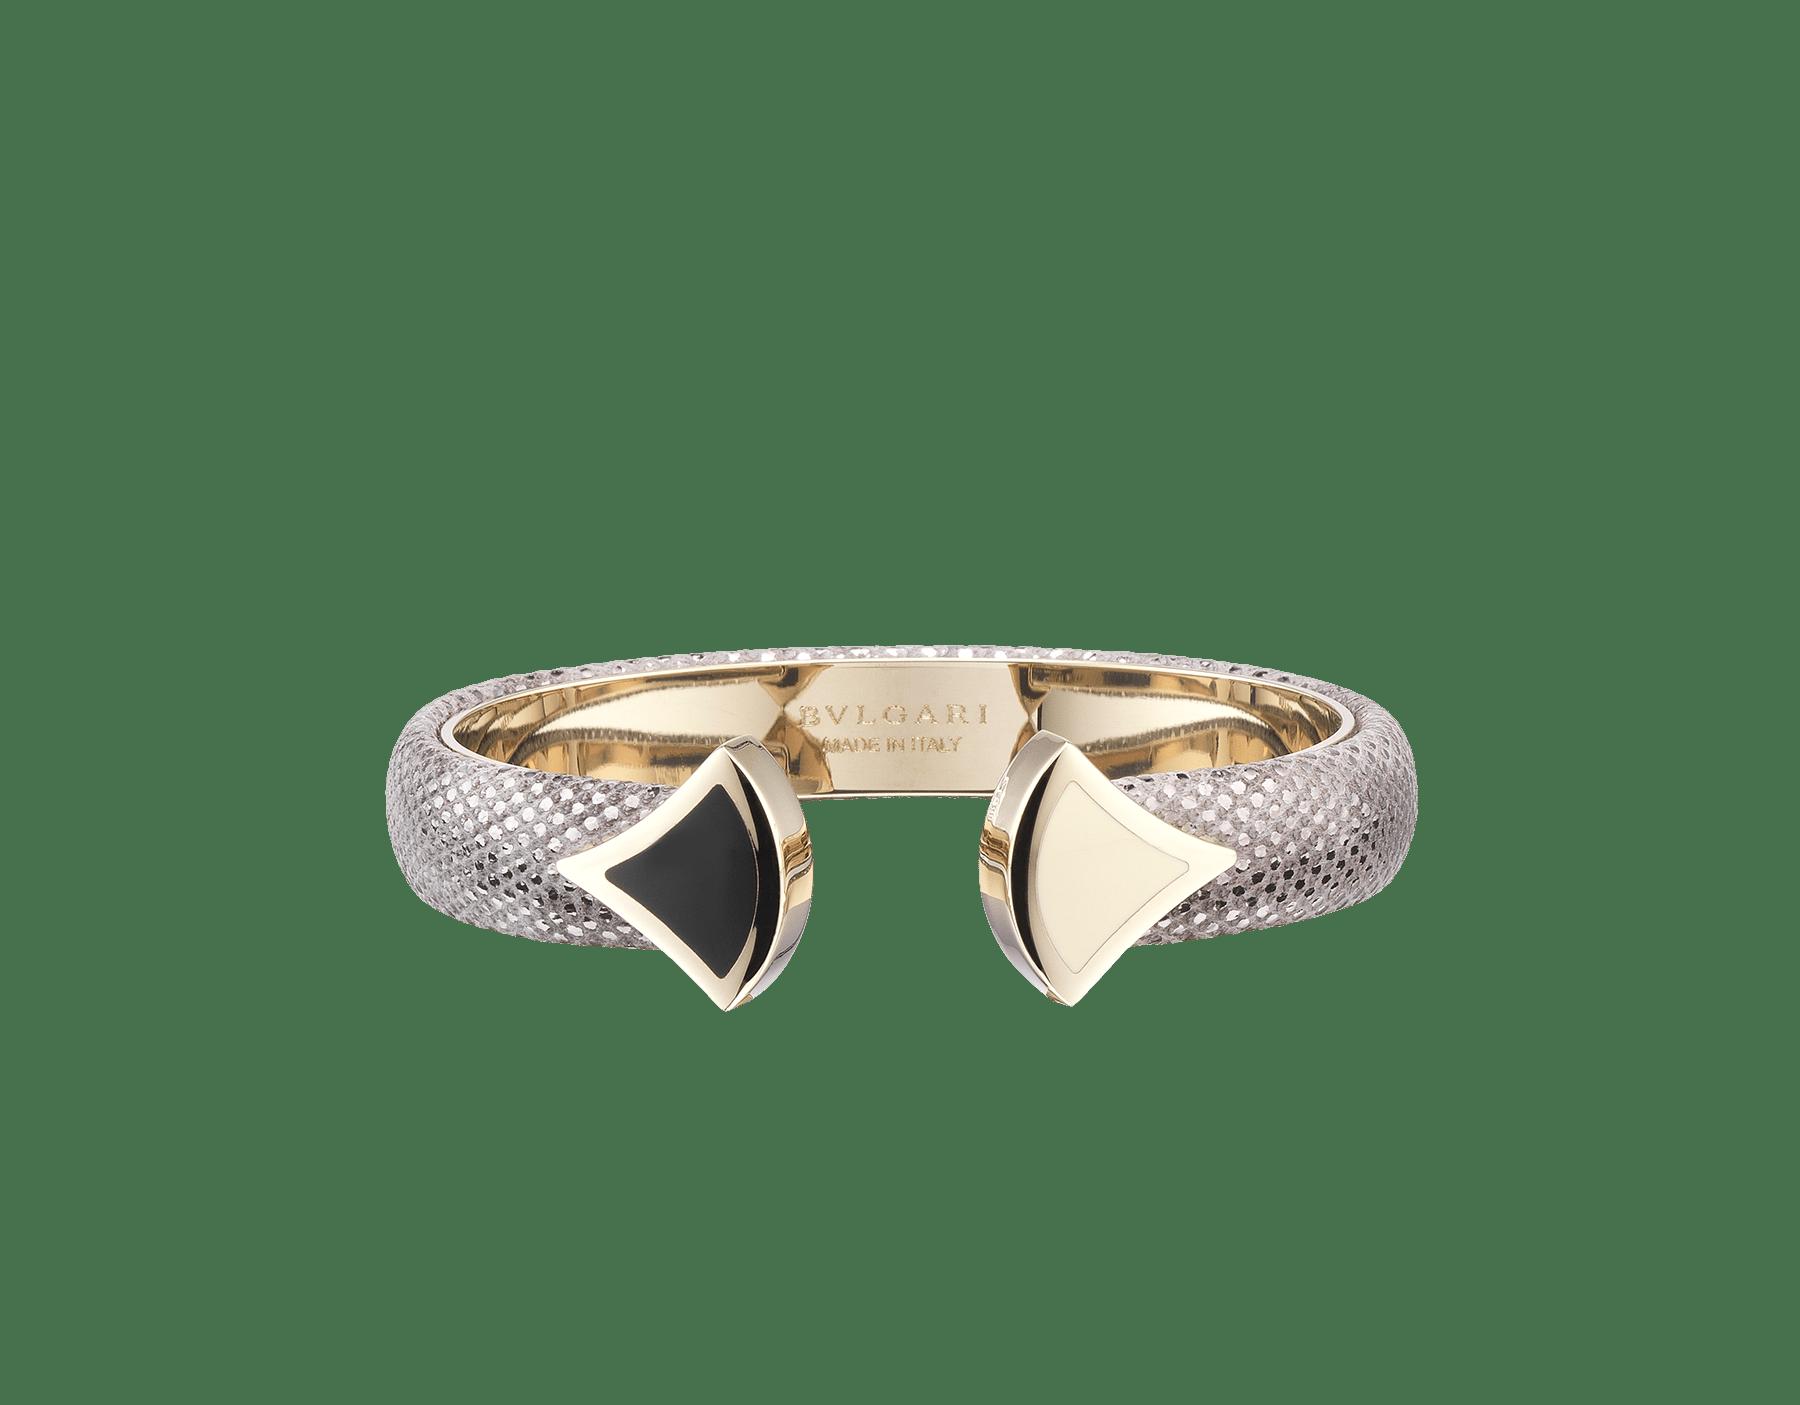 Pulsera de piel de galuchat color jade glicinia con emblemático cierre Contraire con motivo DIVAS' DREAM de latón bañado en oro claro y esmalte blanco y negro. DIVA-CONTRAIR-S image 5